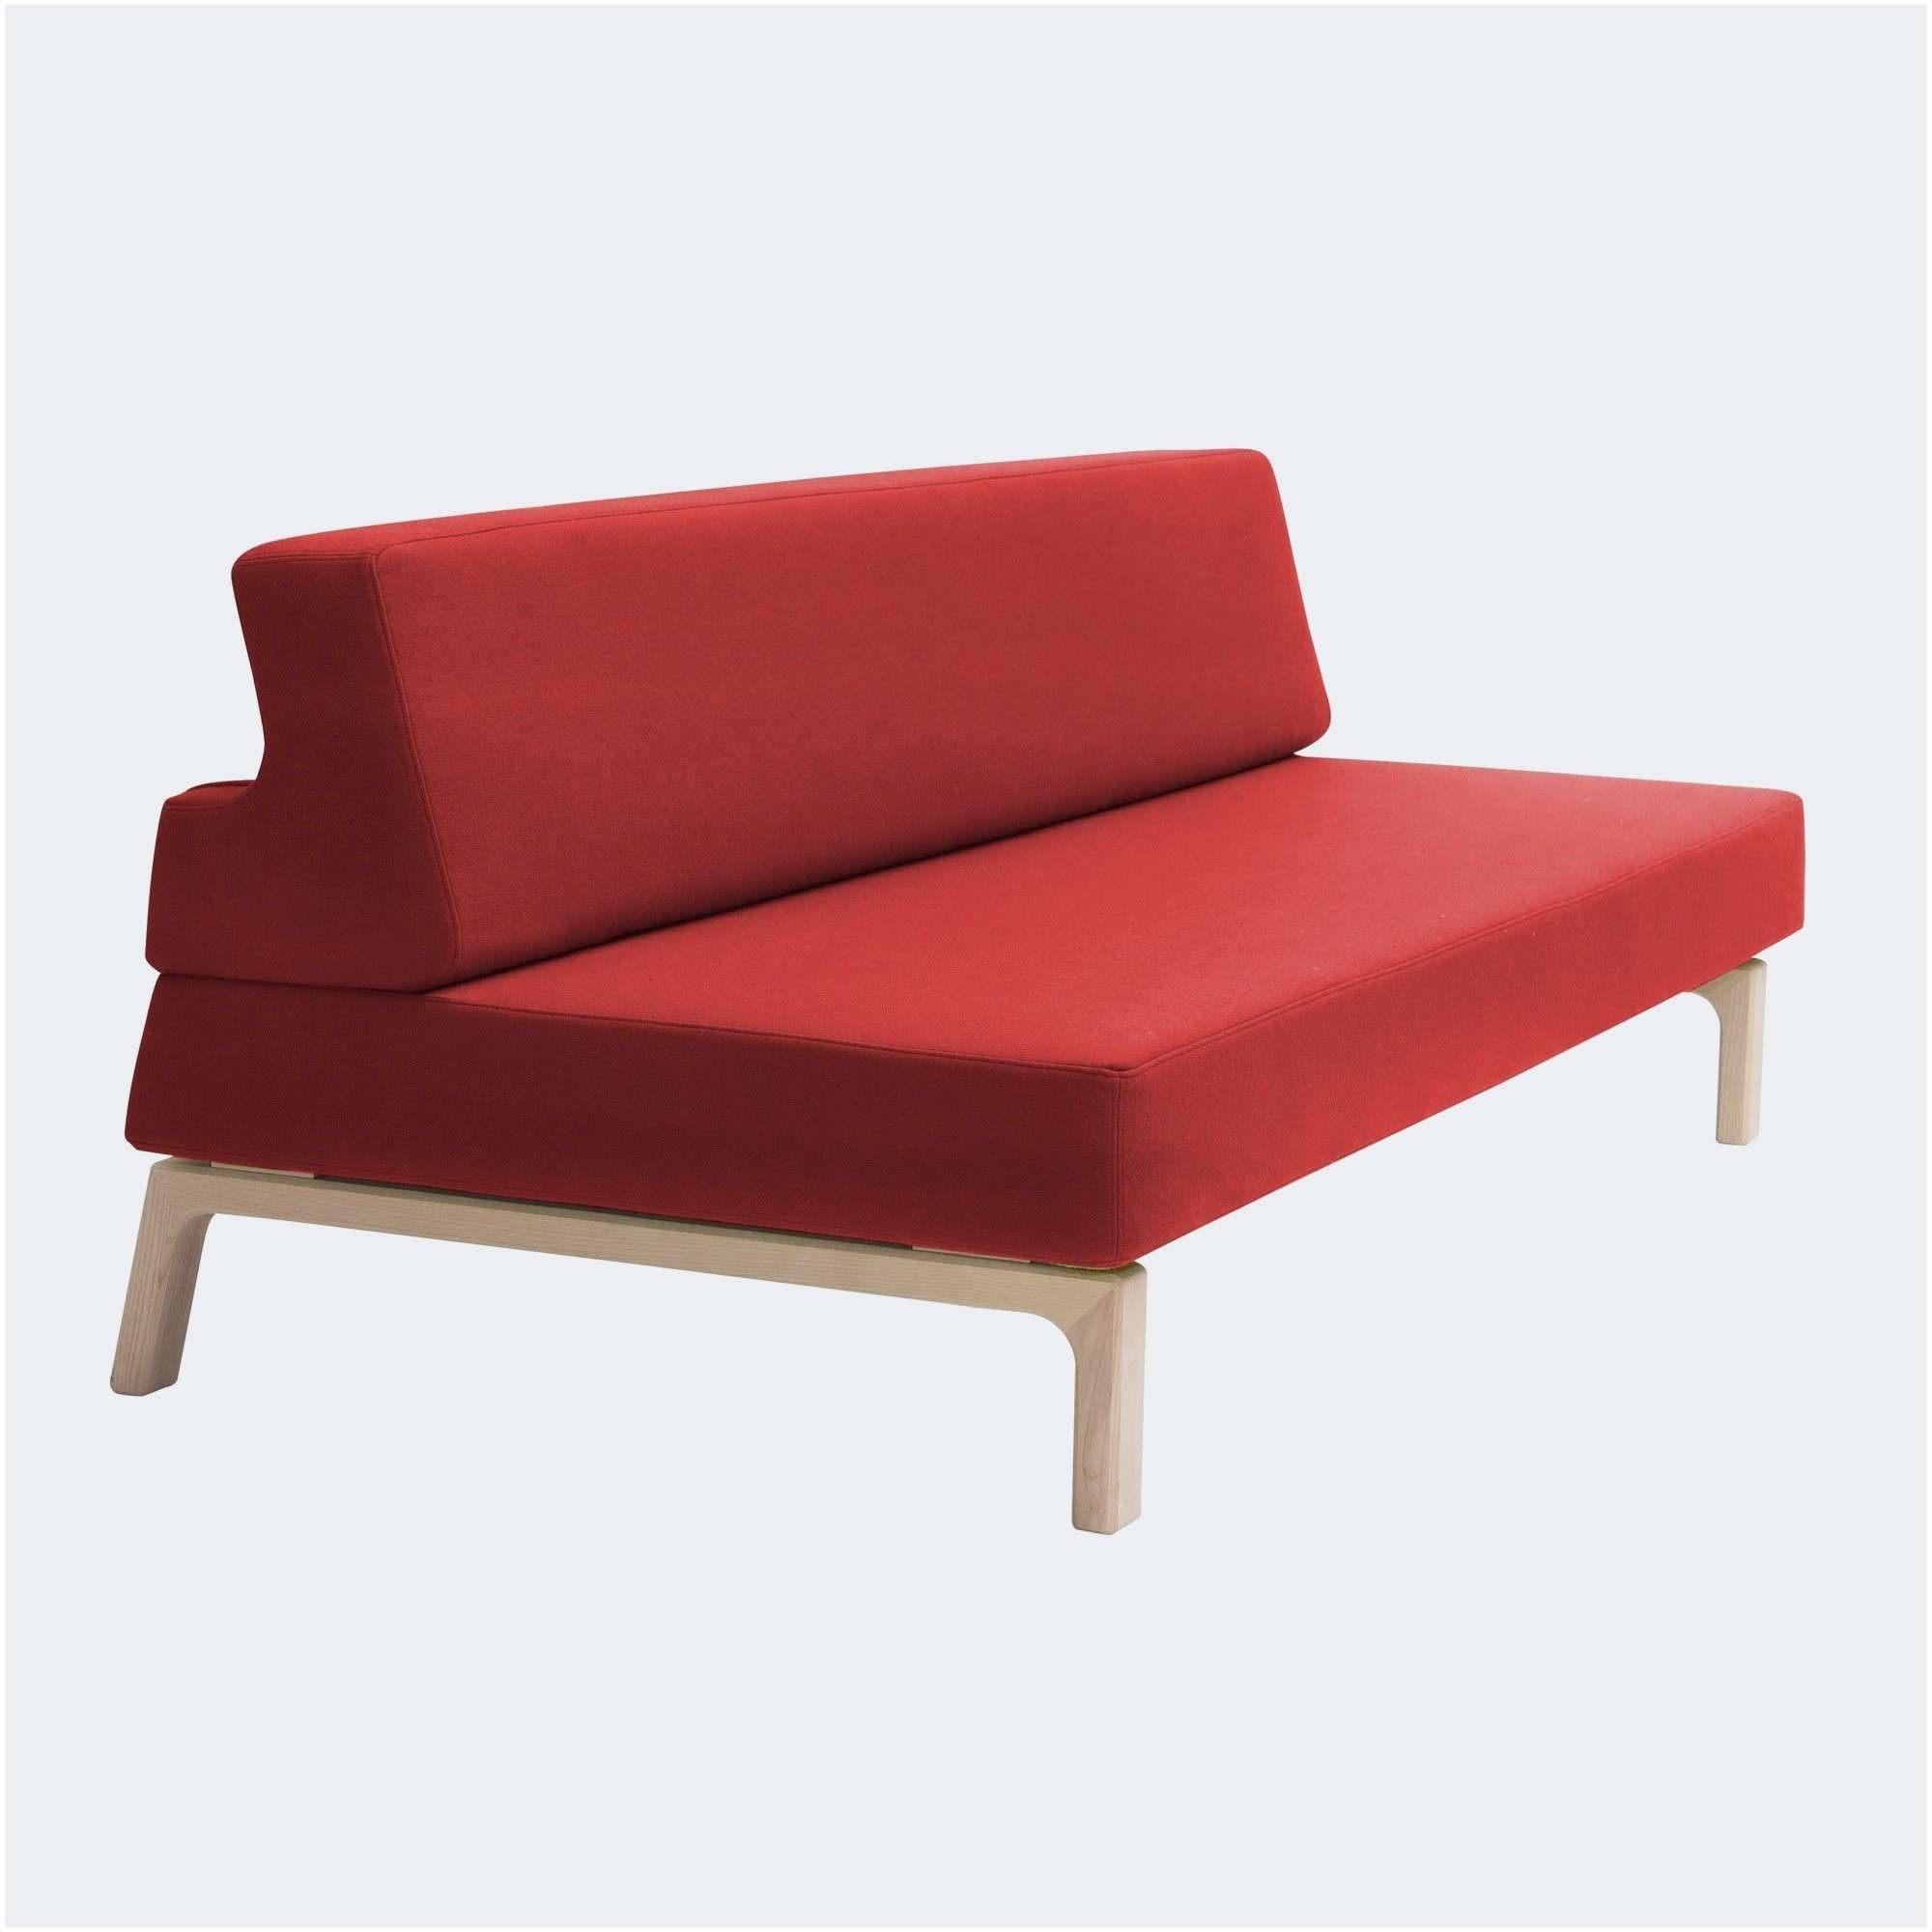 Lit Superposé Angle Meilleur De Nouveau Canapé 2 Angles Canap Lit Rouge 3 C3 A9 Design Tgm872 ton